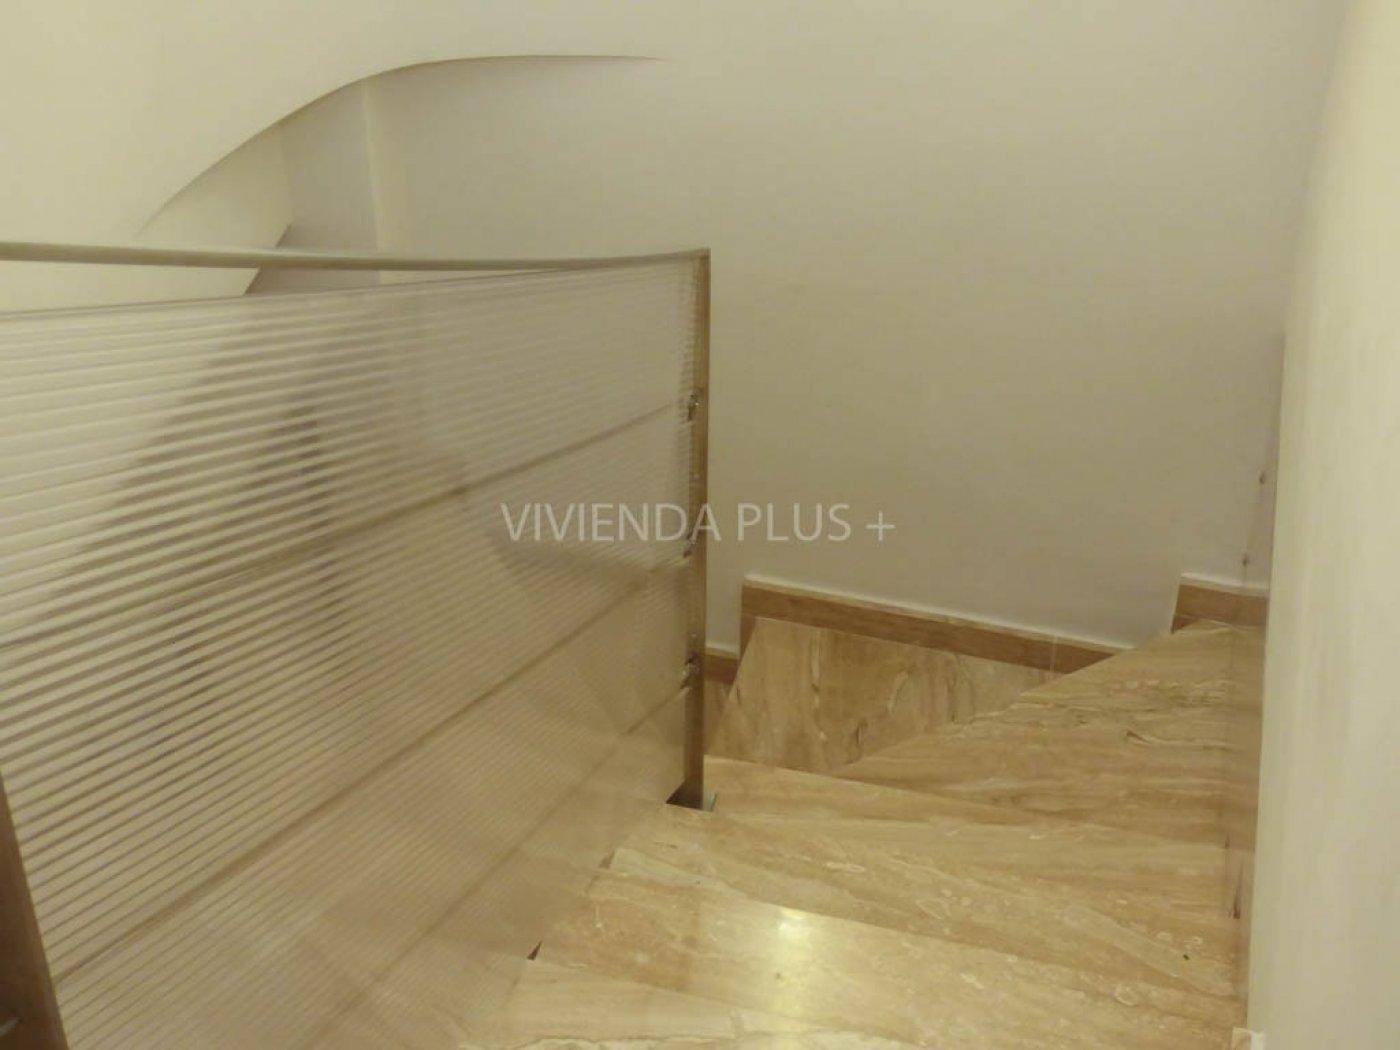 coqueto piso duplex  en altabix con vistas despejadas de 3 dormitorios listo para vivir